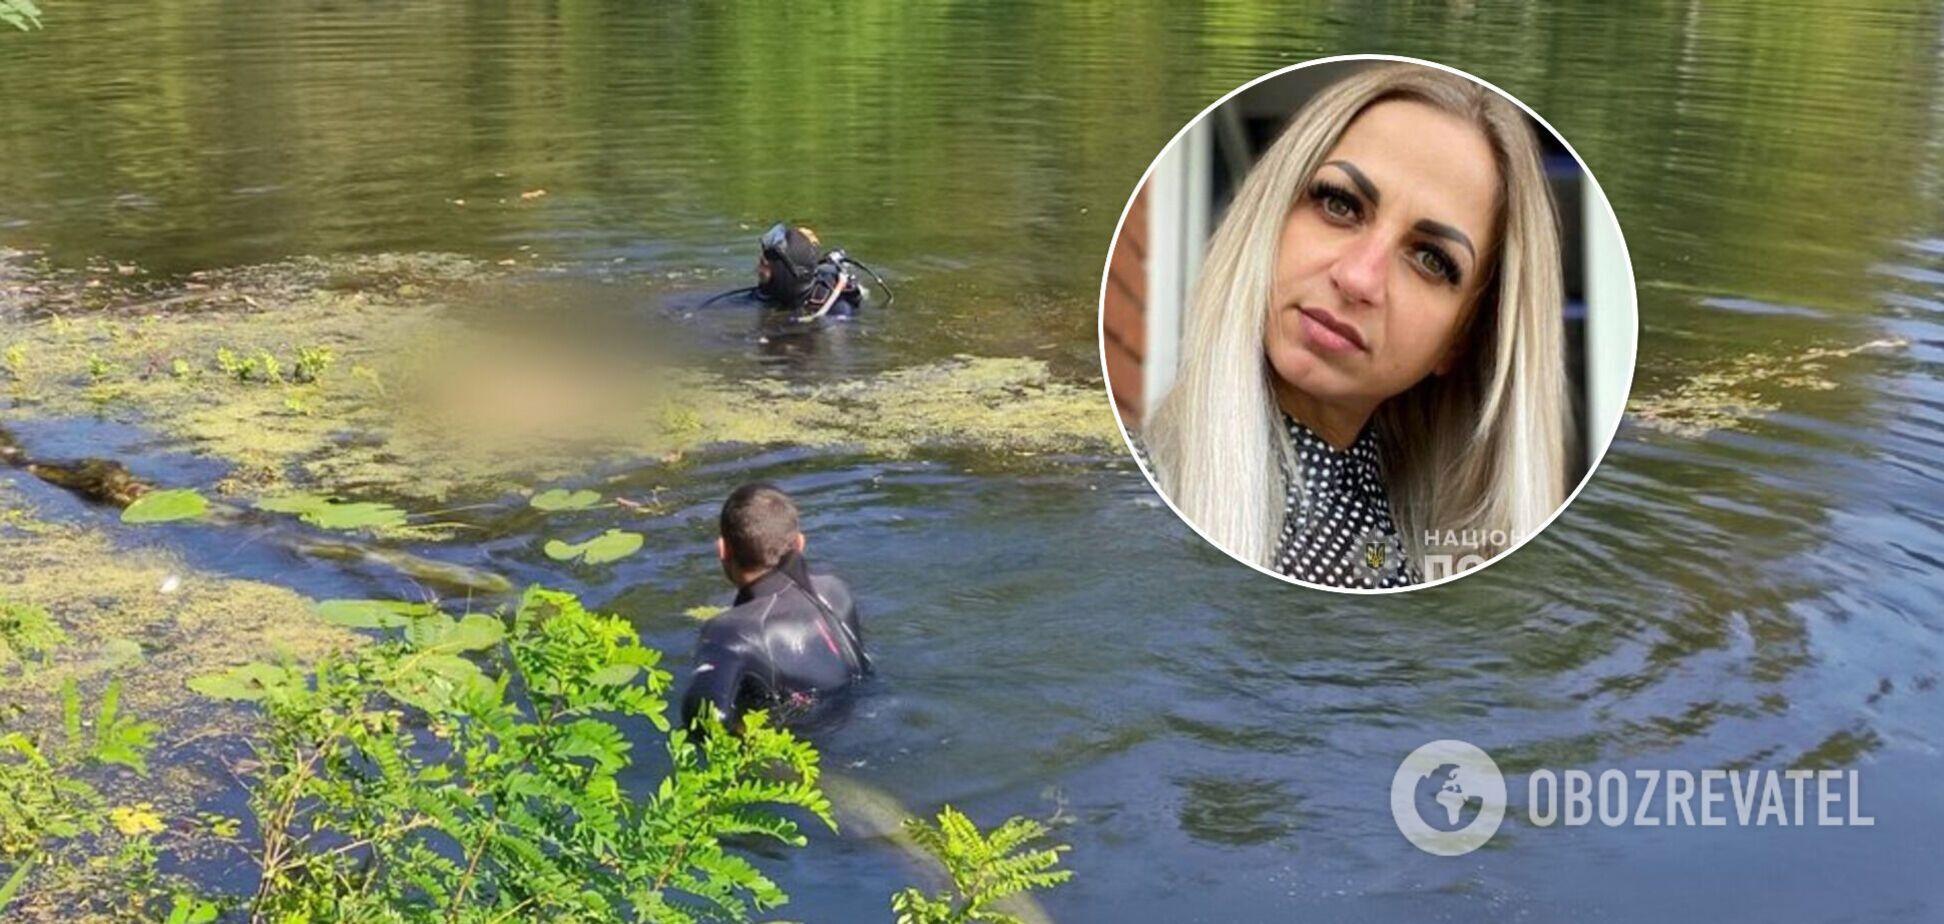 Під Полтавою знайшли мертвою зниклу жінку: раніше скаржилася на проблеми в особистому житті. Фото